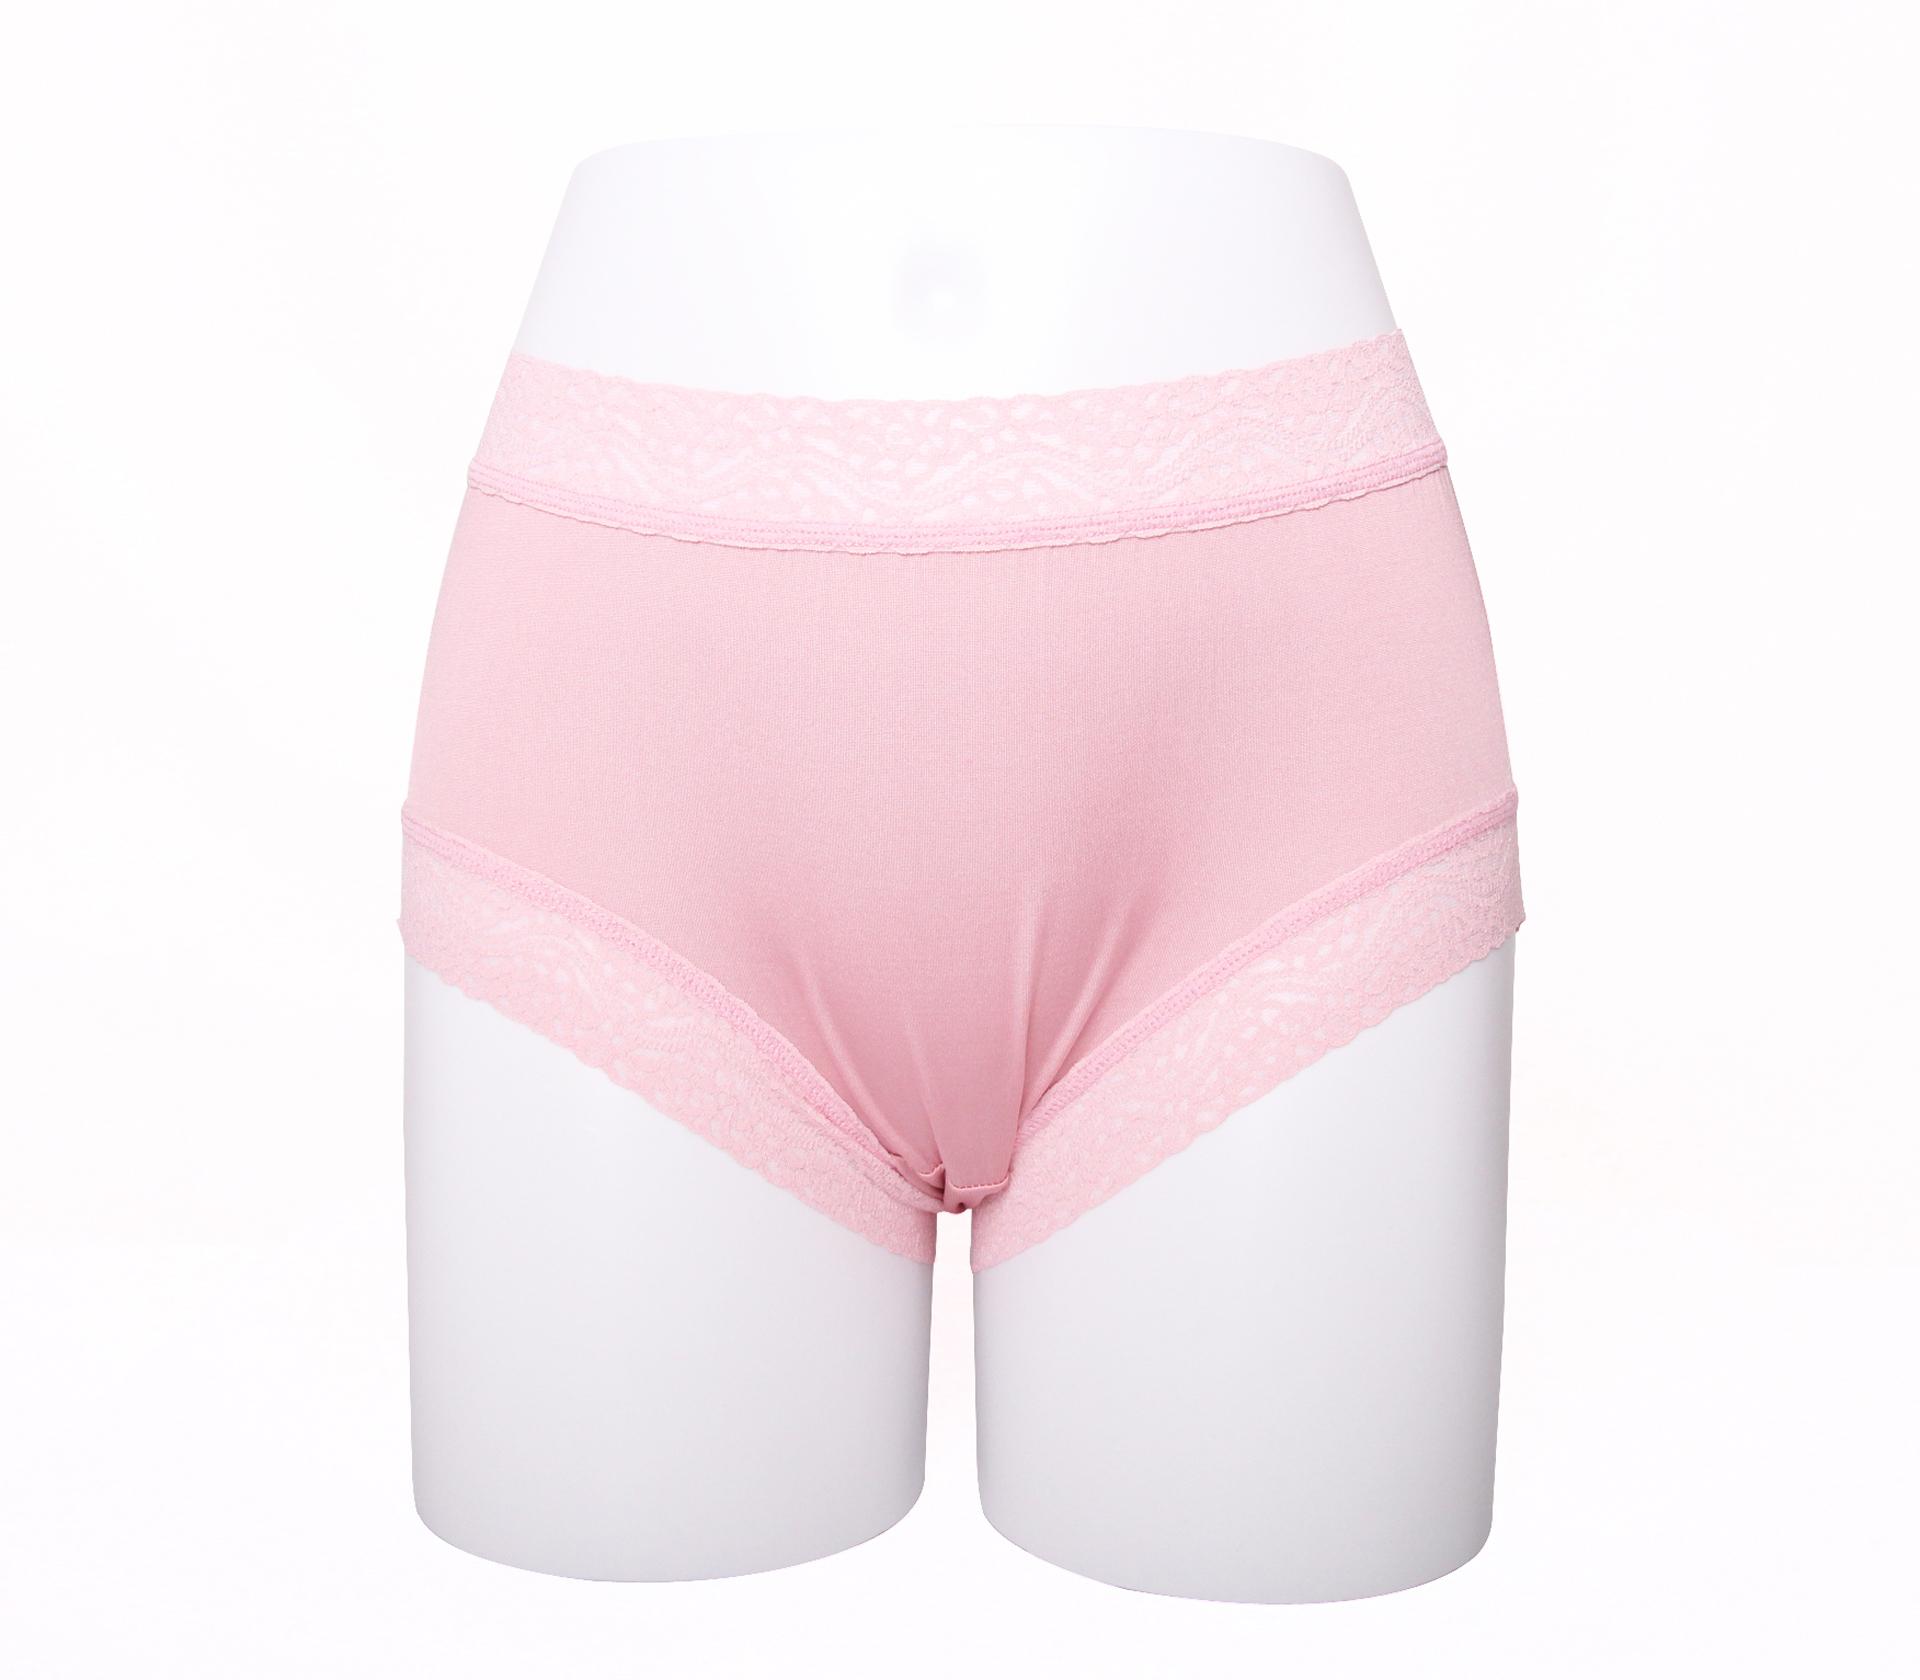 闕蘭絹簡約舒適100%蠶絲內褲-8879(淺粉)